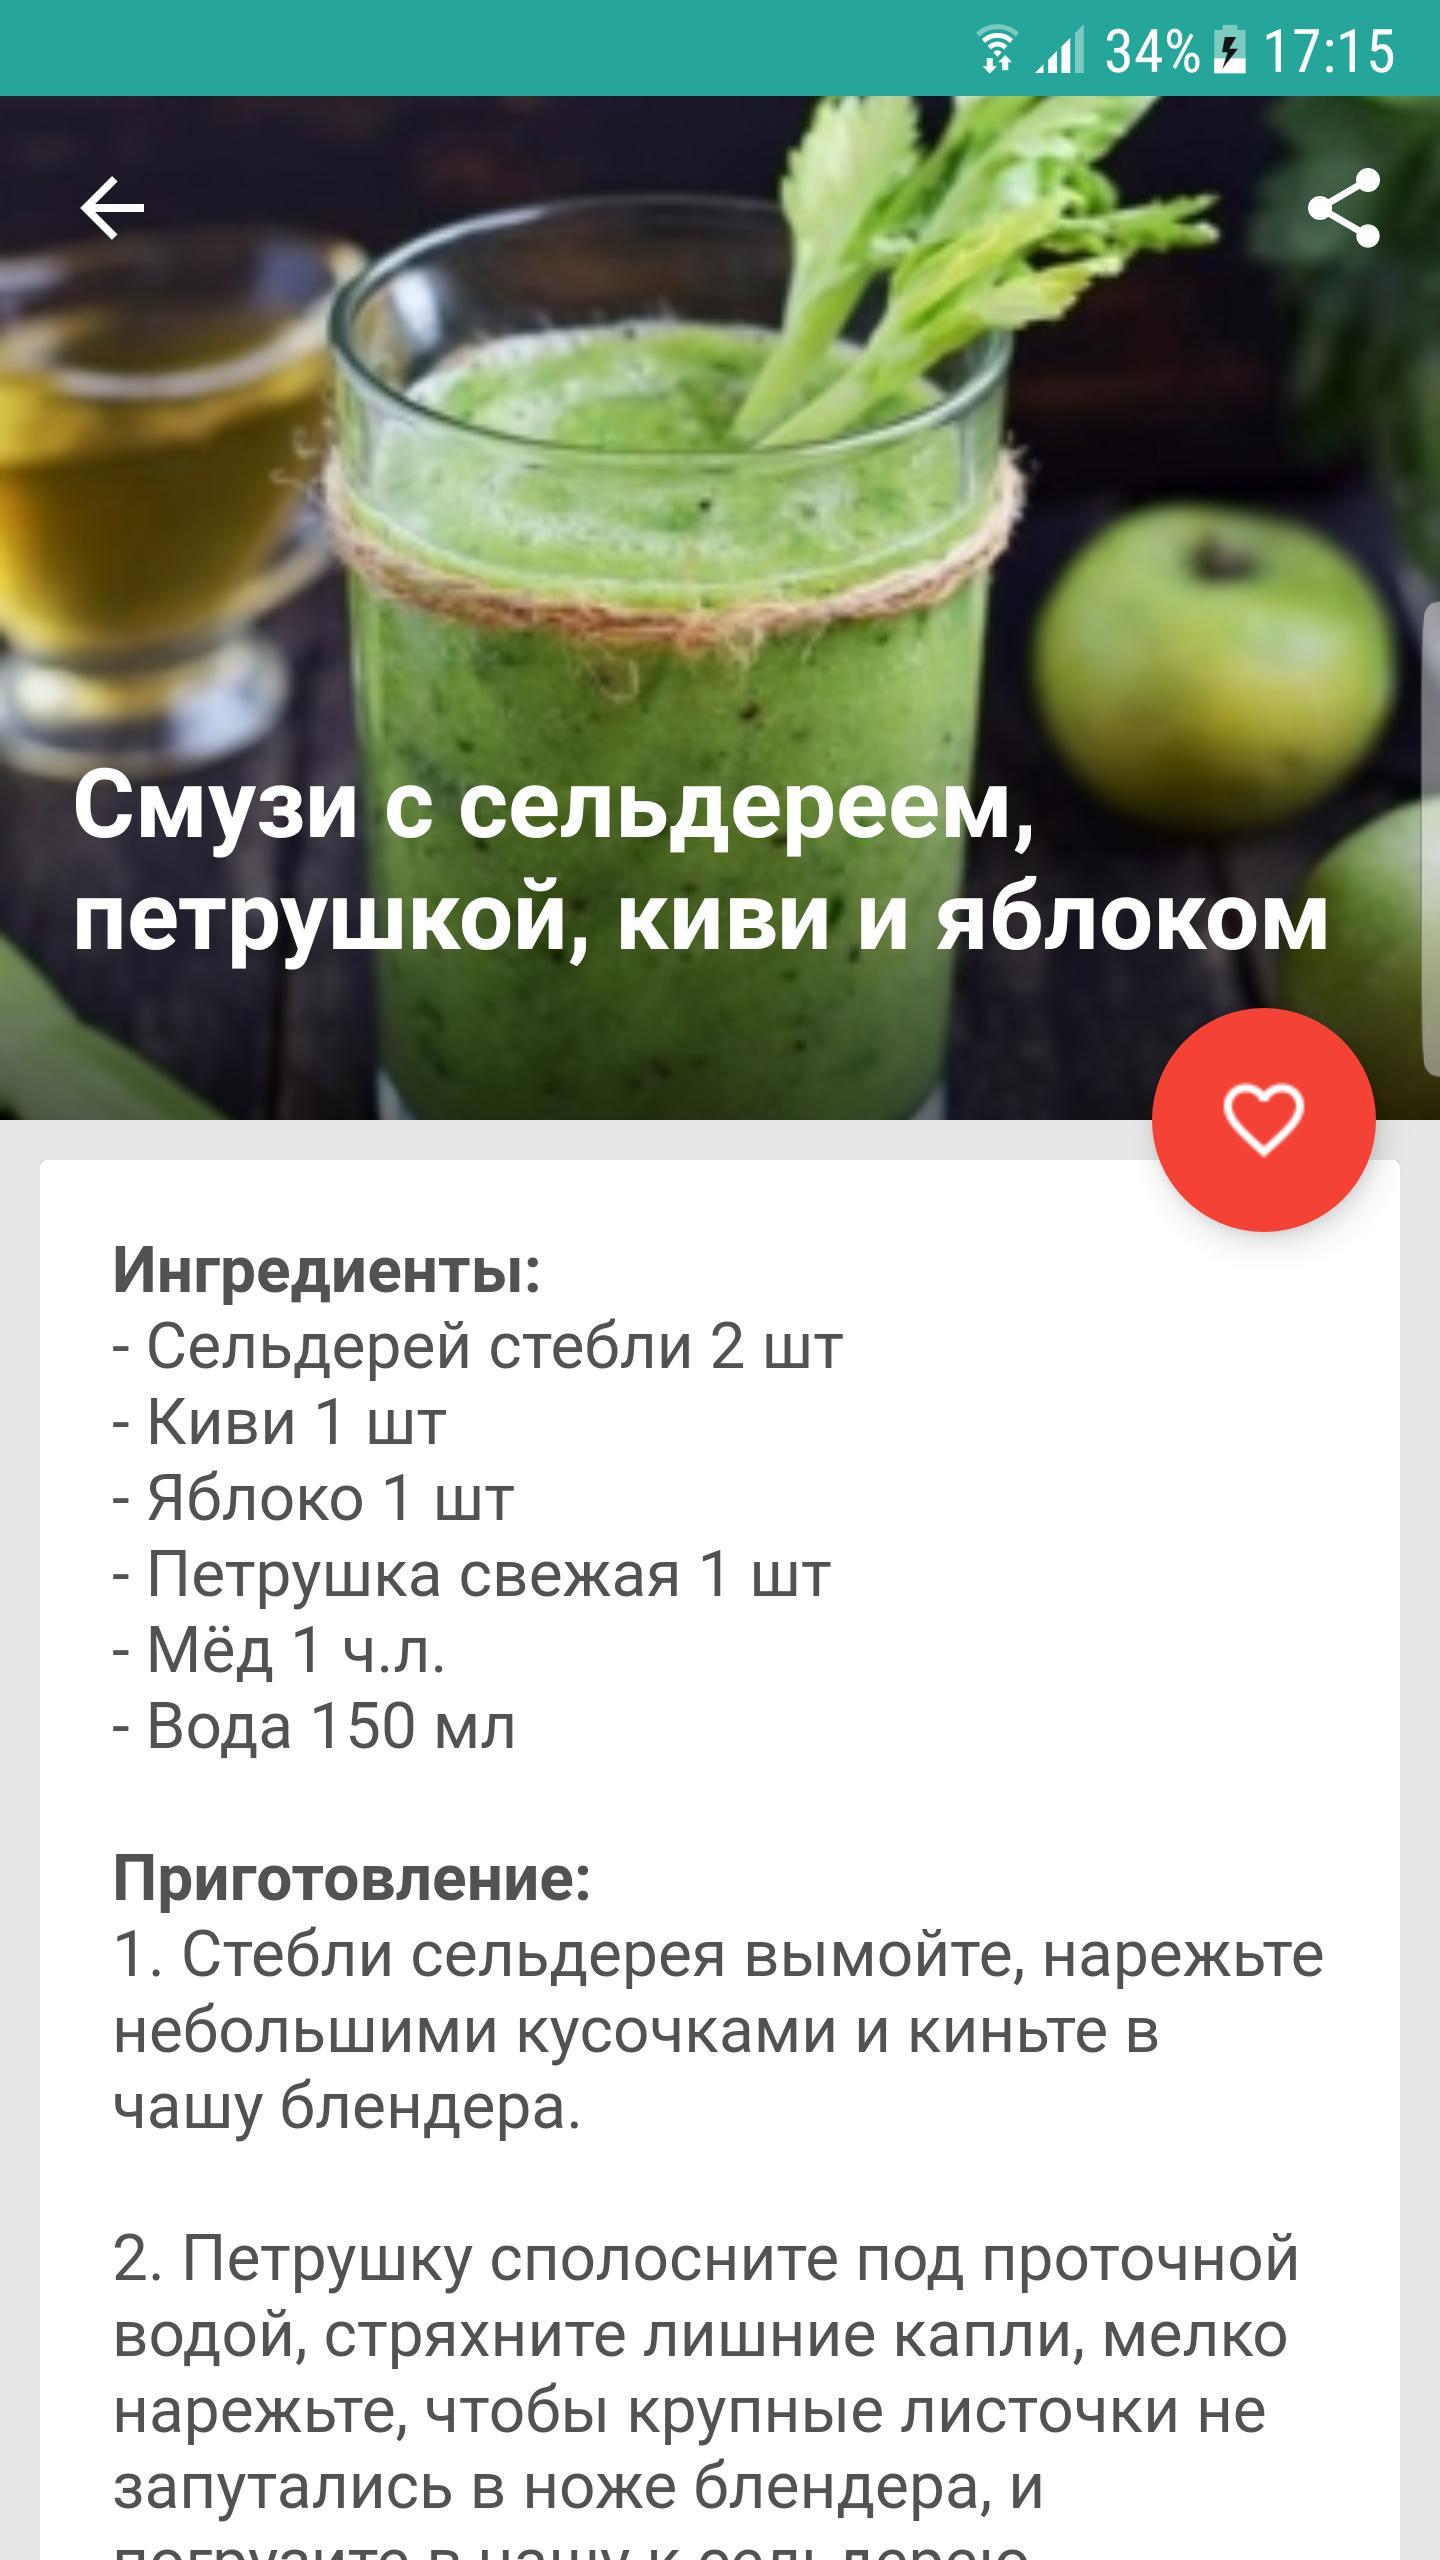 Белковые коктейли для похудения в домашних условиях: какие лучше, отзывы